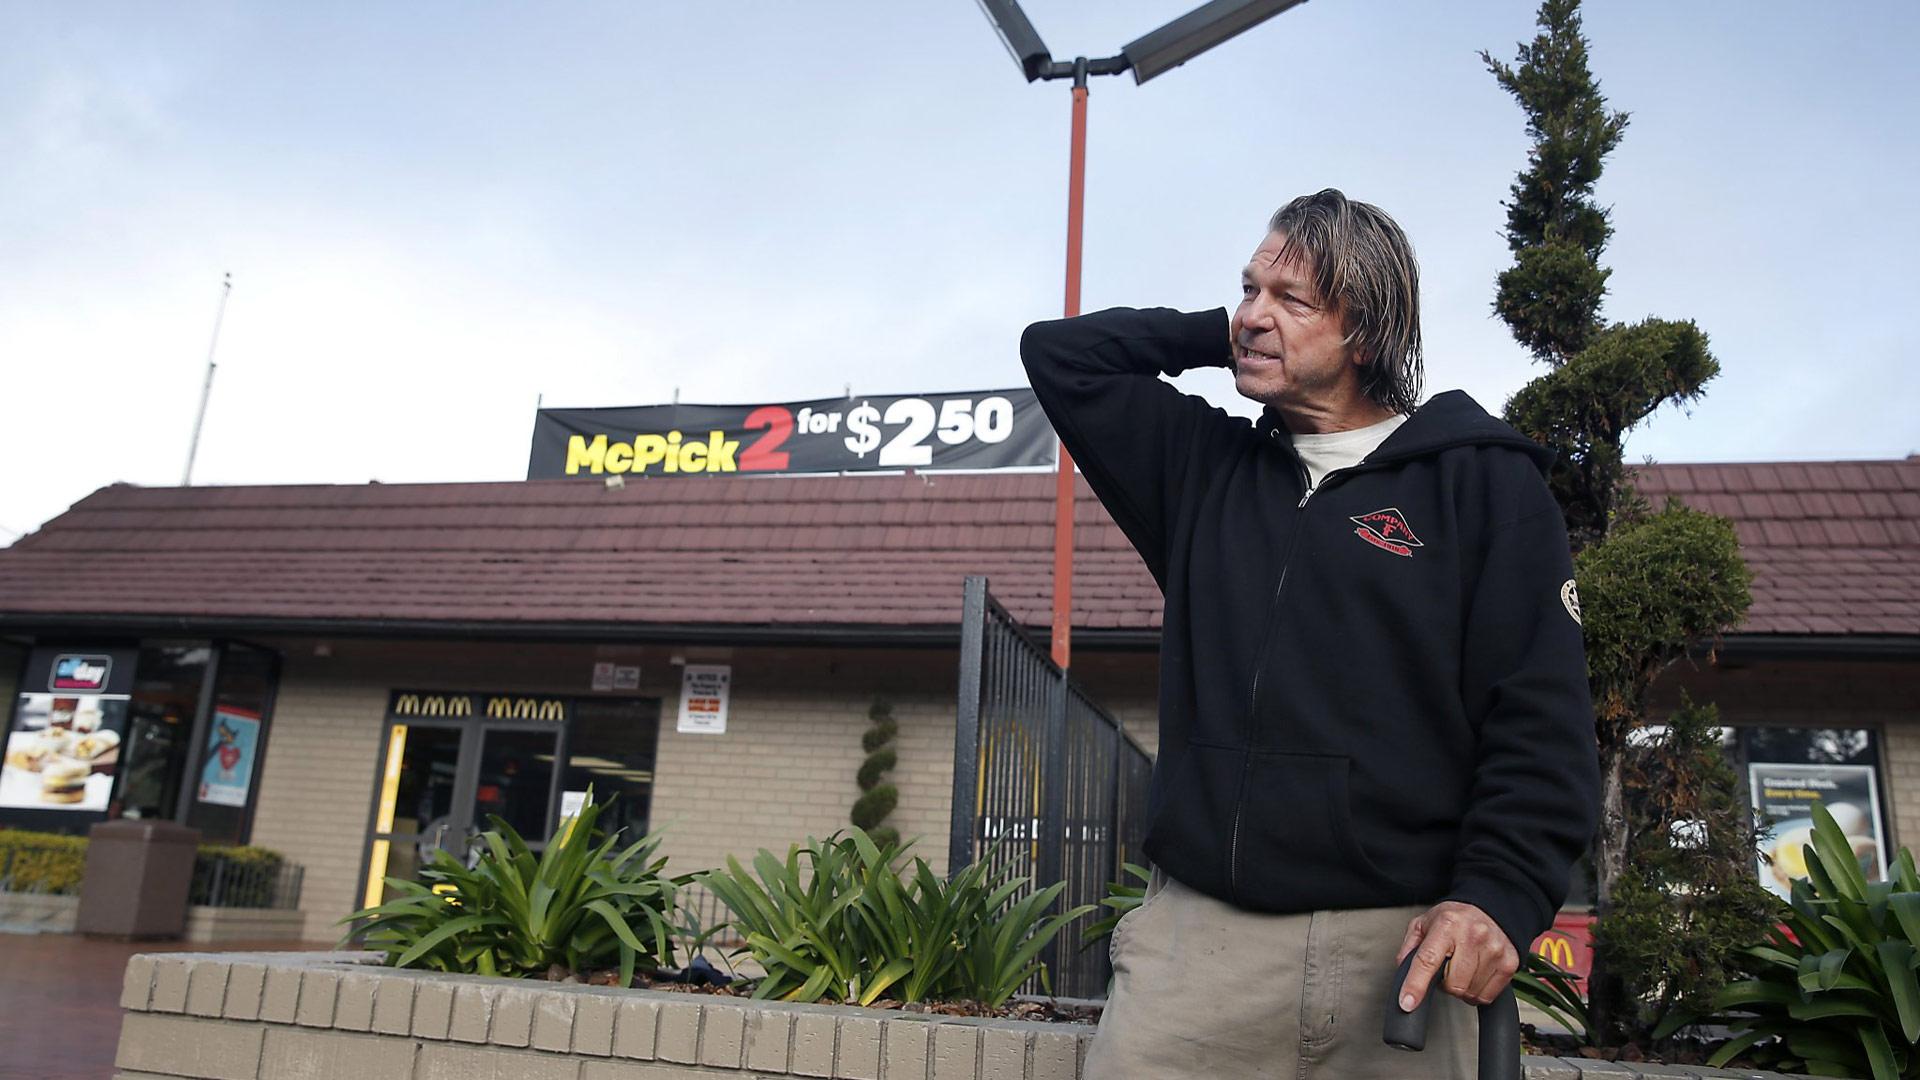 El jefe de la policía Greg Suhr alabó su atención, valor y rápida reacción. El hombre utilizará el dinero para empezar de nuevo y volver a estar con sus hijos